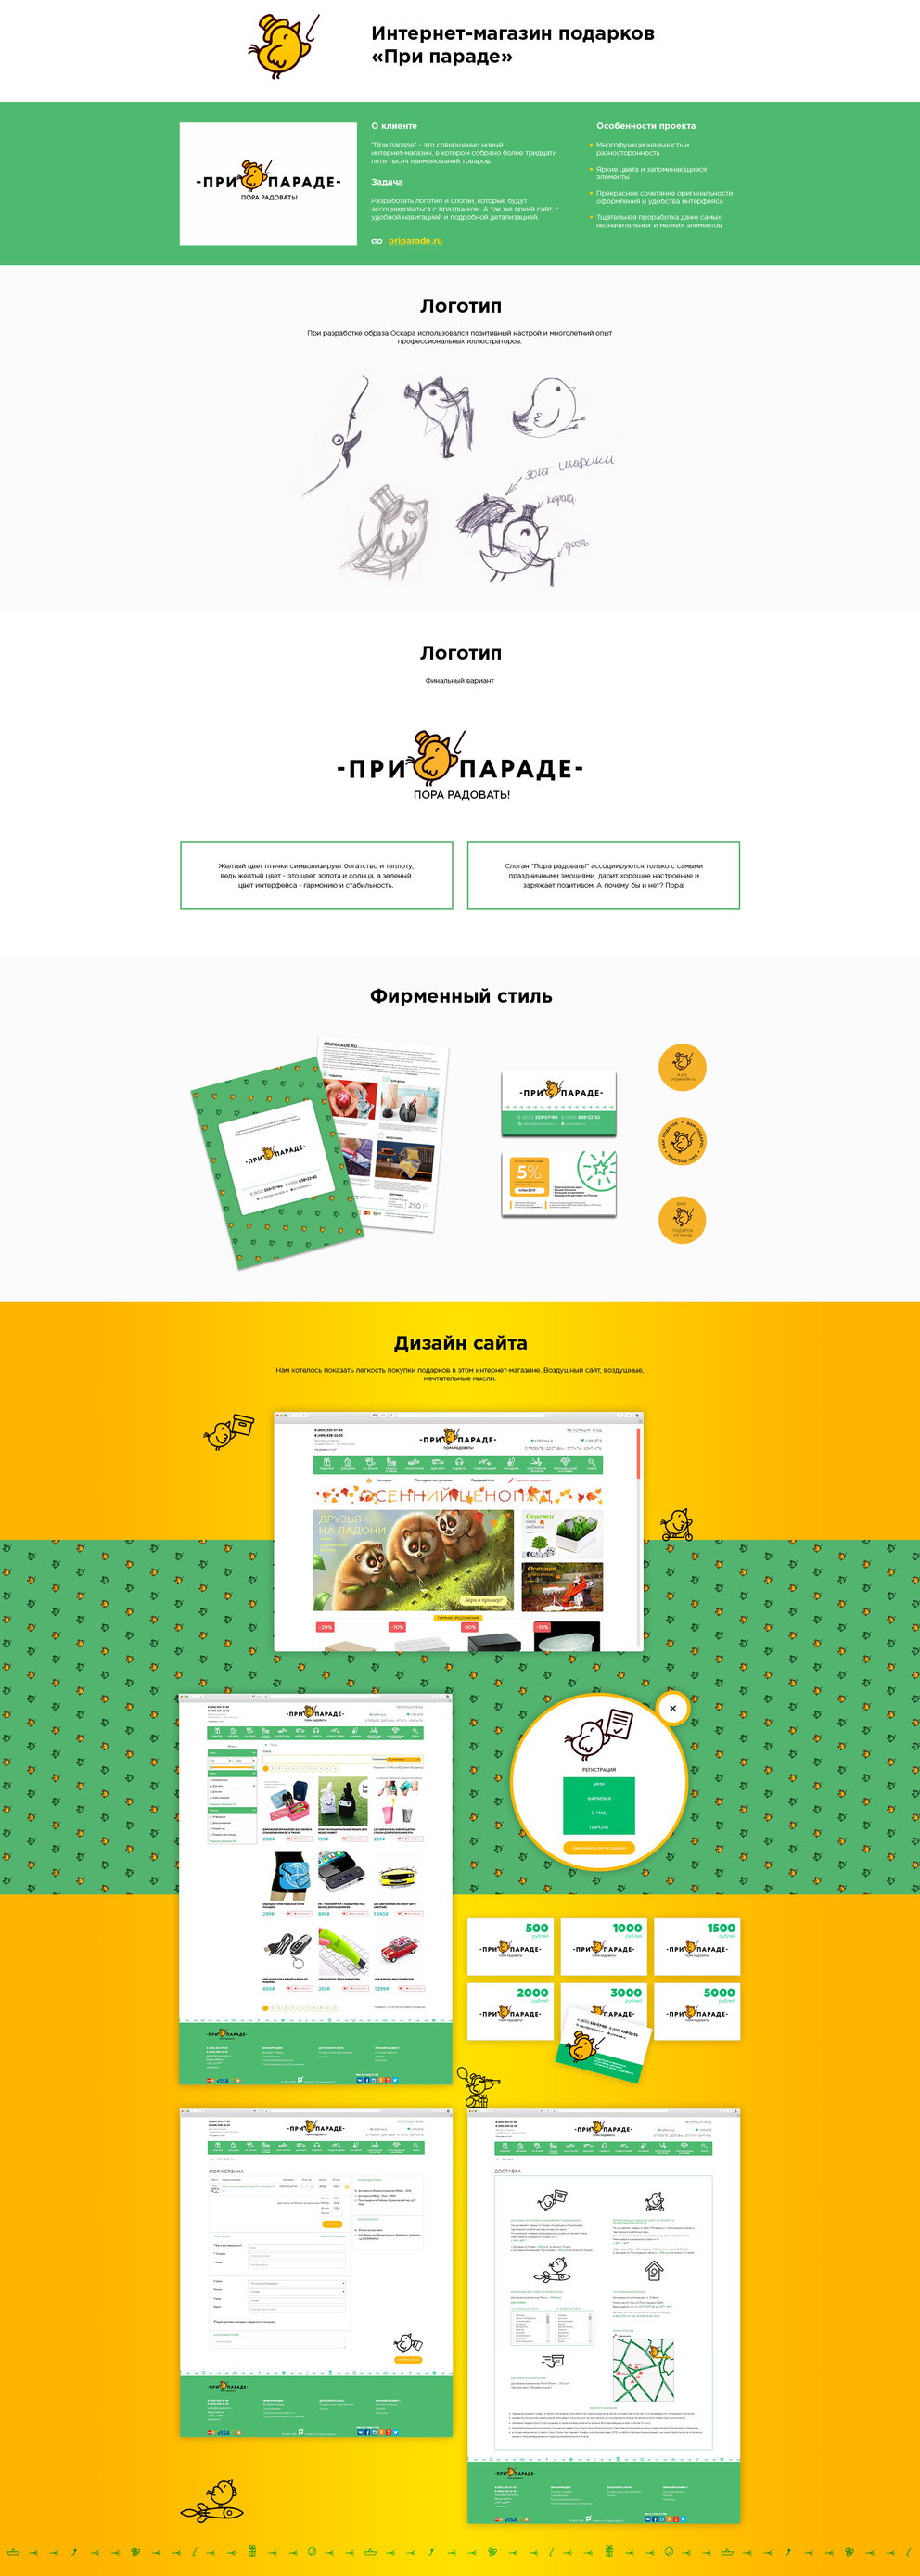 Интернет магазин подарков / Проект компании Brands and Web